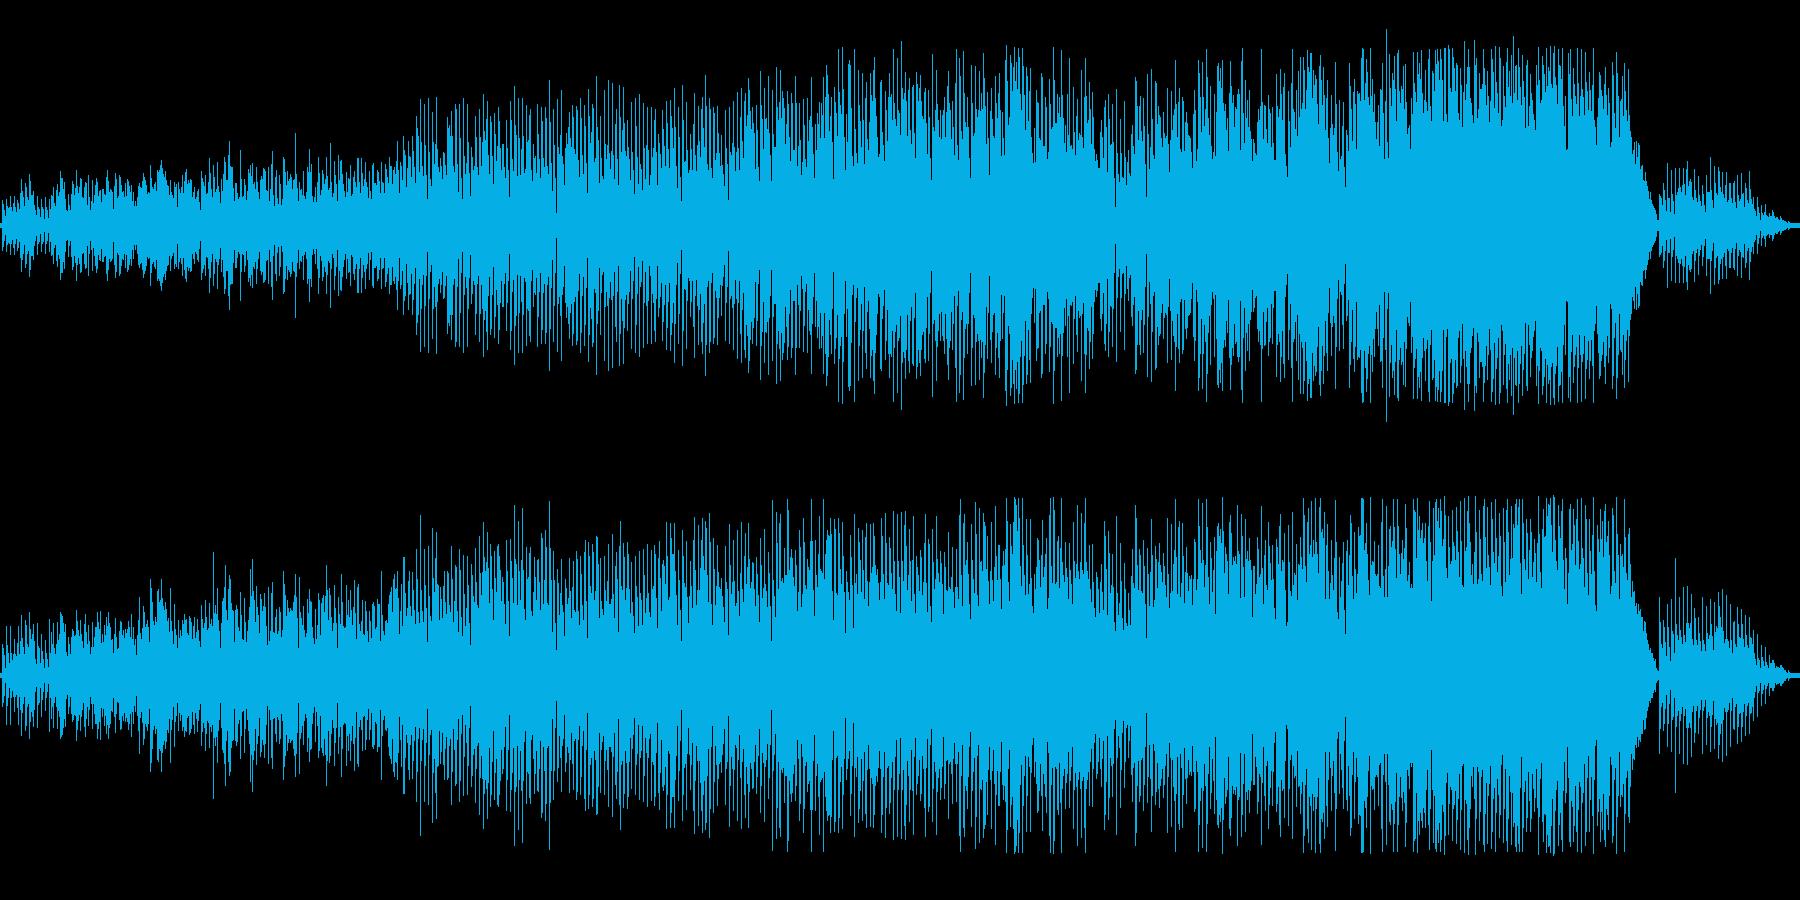 ピアノとブラス_ゆったり軽快なスウィングの再生済みの波形